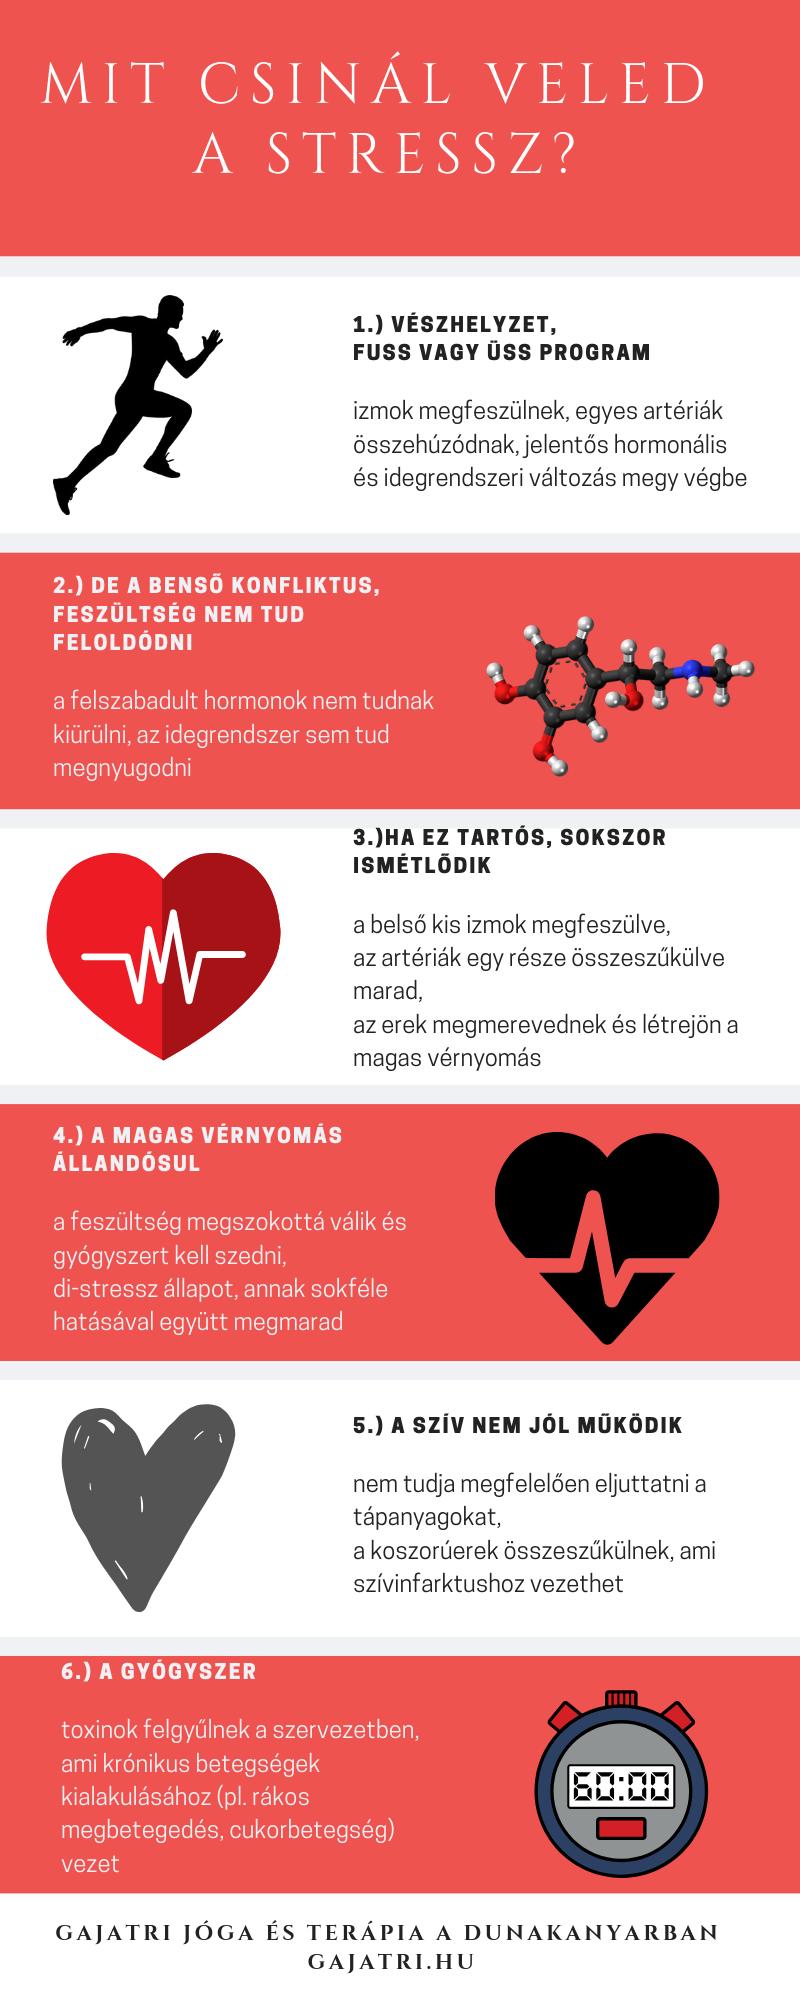 hogyan lehet gyógyszereket váltani magas vérnyomás esetén